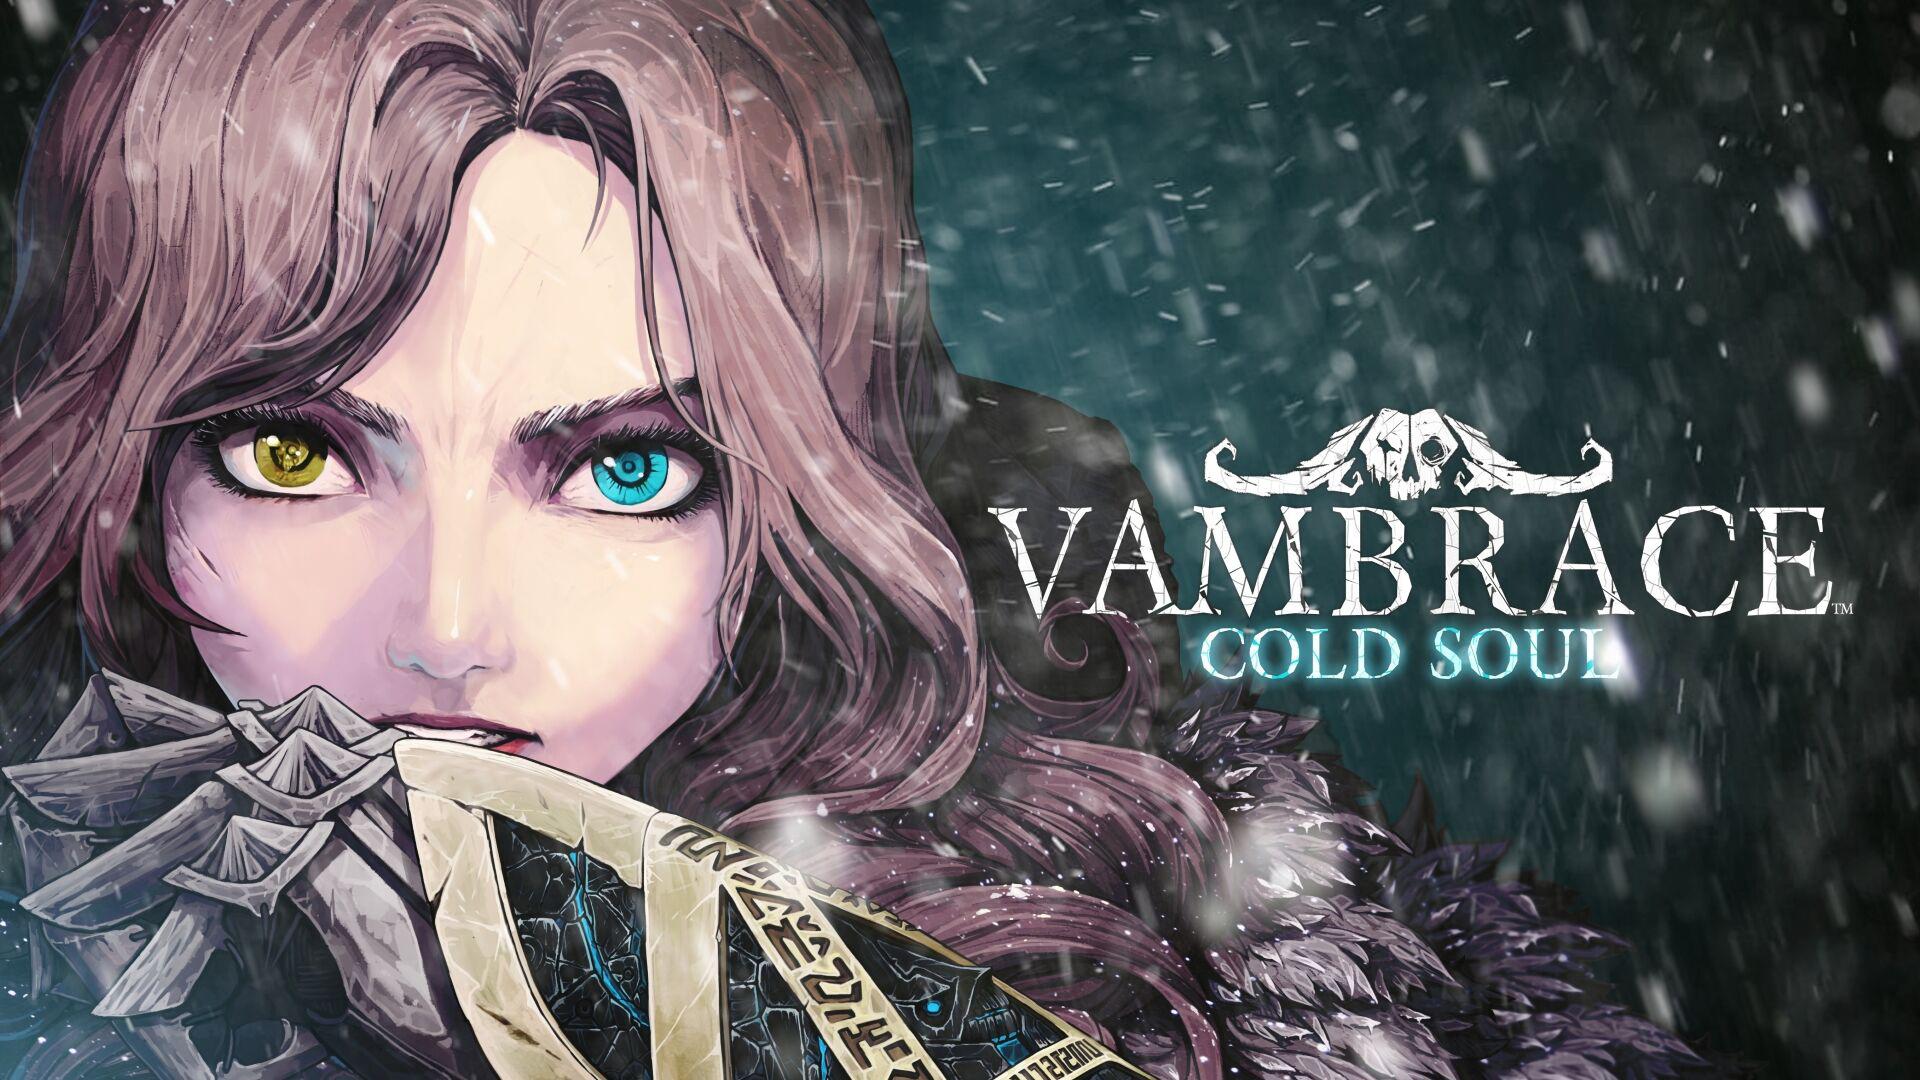 ПК-версия готической Vambrace: Cold Soul отложена на 28 мая